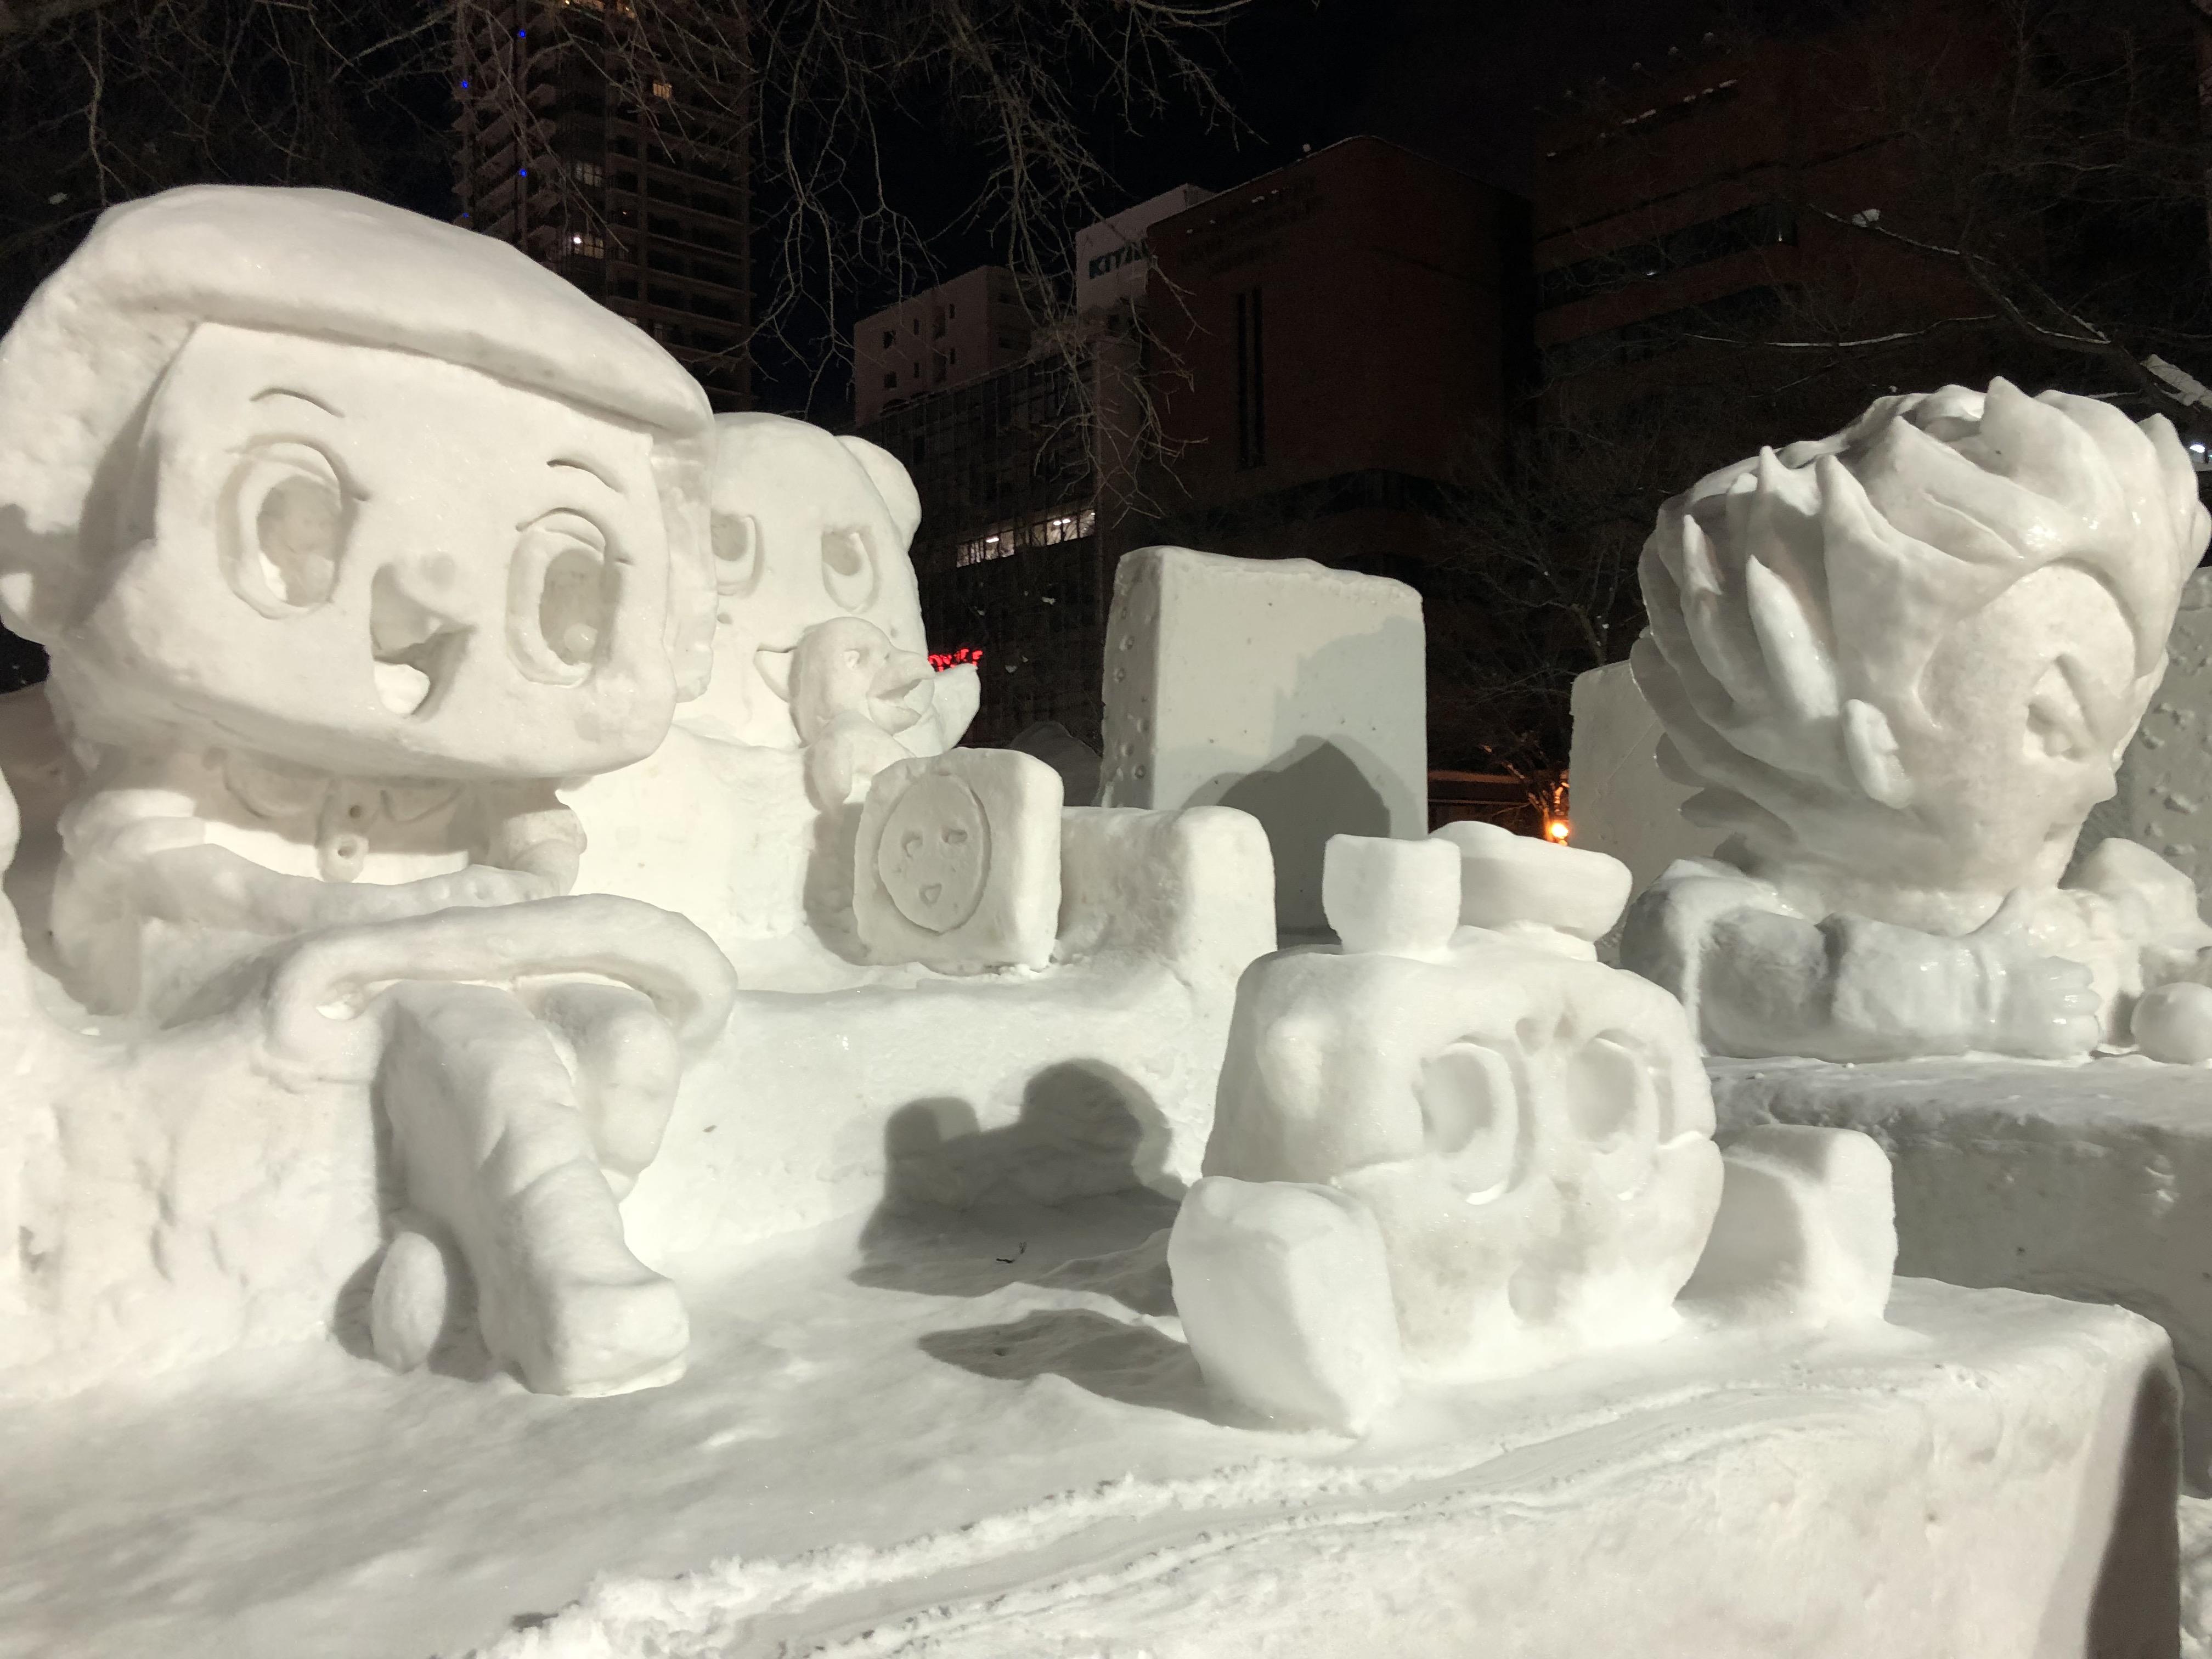 Citizens' Snow Sculptures